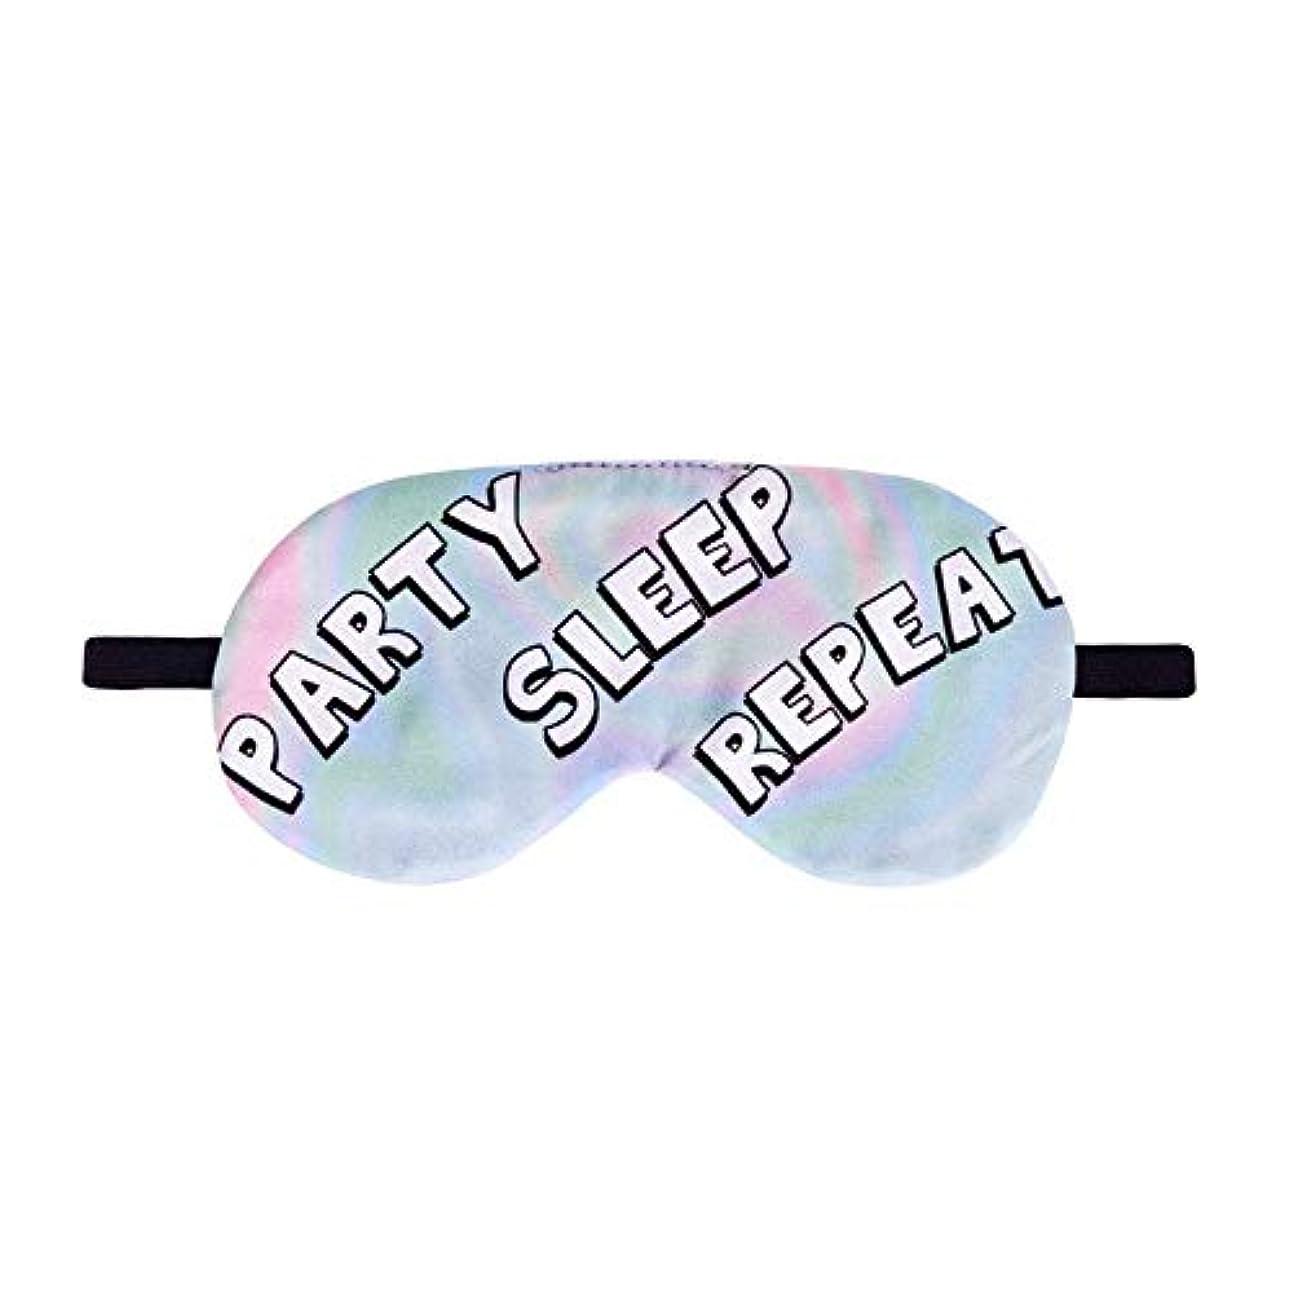 バーマド郊外取り戻すNOTE 漫画の3d印刷睡眠アイマスクカバー素敵な絵文字昼寝アイケアシェード目隠し睡眠マスク目カバー睡眠ツール